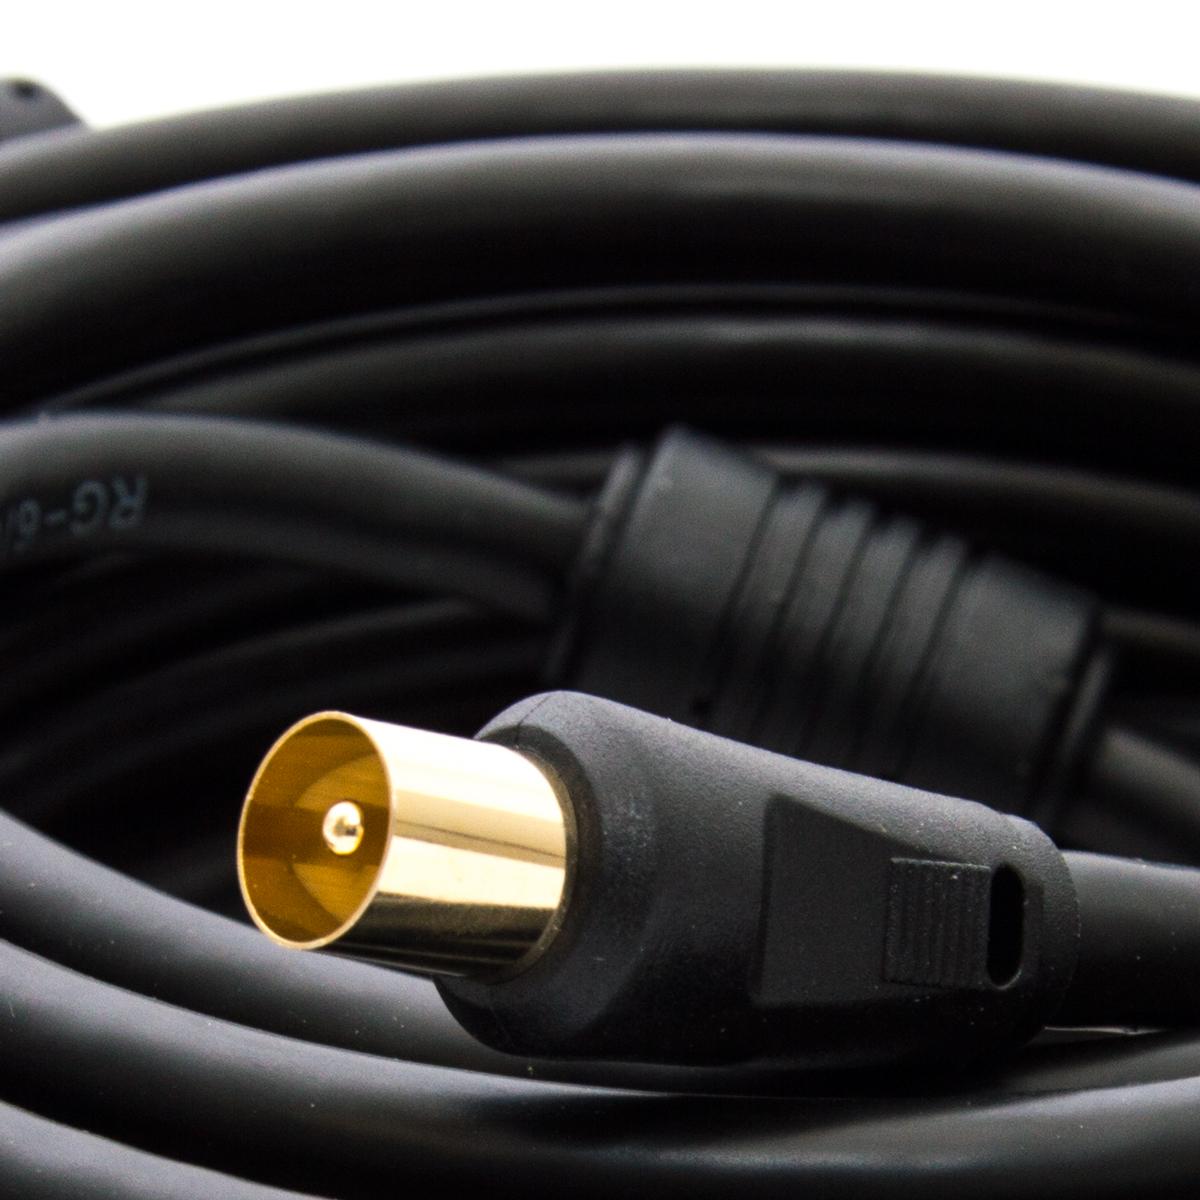 2,5m PremiumX HDTV TV Antennenkabel Koax Stecker auf Buchse vergoldet 75 Ohm Koaxialkabel für Kabelanschluss DVB-T DVB-T2 mit Mantelstromfilter – 2x Ferritkern – Schwarz